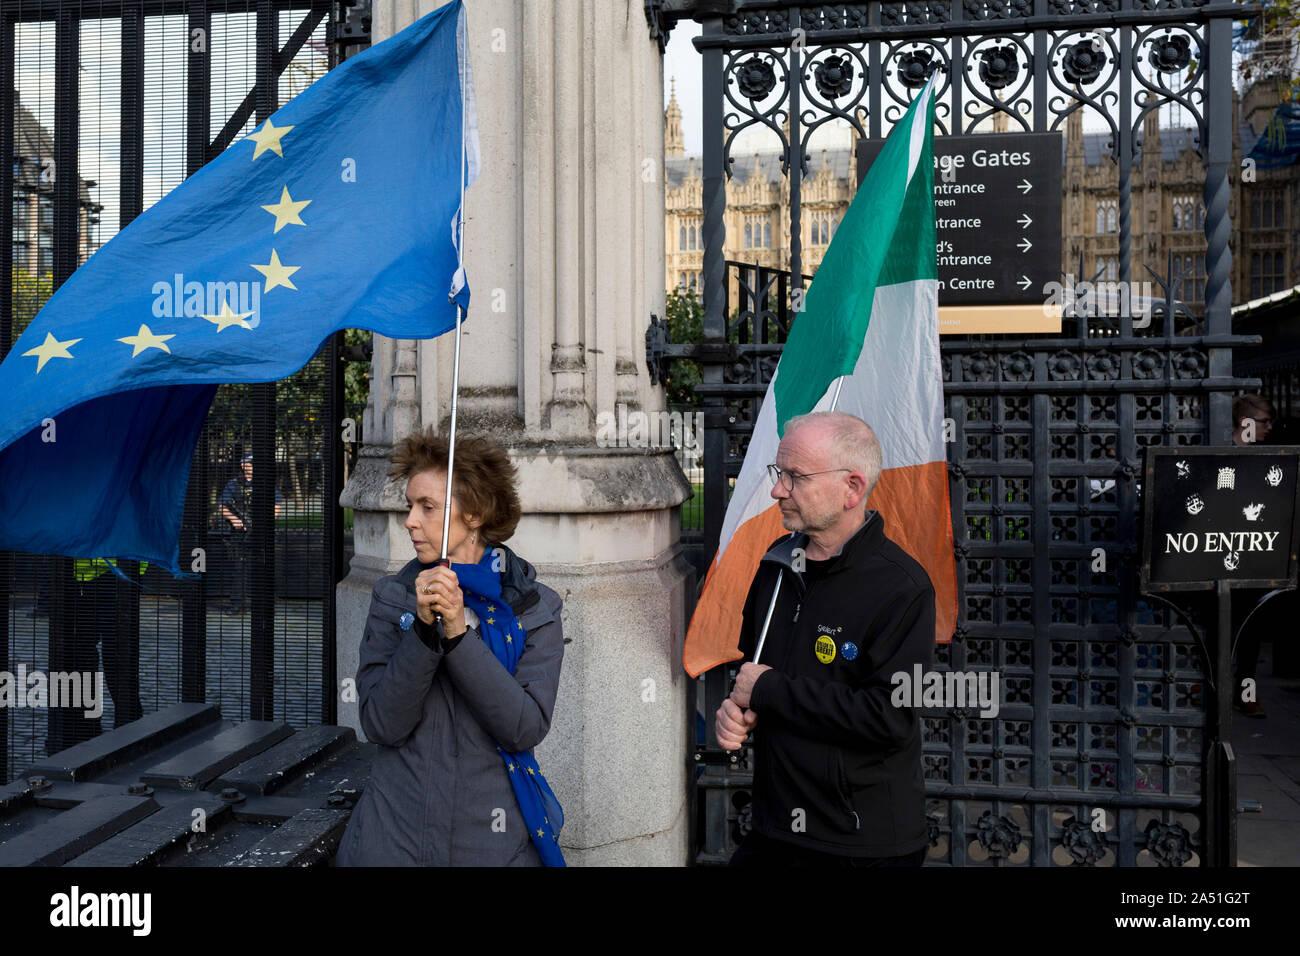 Le jour où le premier ministre Boris Johnson négocie avec Bruxelles sur un Brexit traiter, et lorsque le Parti unioniste démocratique (DUP) rejeter ses propositions, pro-Union européenne Brexit manifestants tenant la République irlandaise de l'UE et se positionner sous les drapeaux du Parlement britannique garde-fous aux transport porte sur la place du Parlement, le 16 octobre 2019, à Westminster, Londres, Angleterre. Banque D'Images